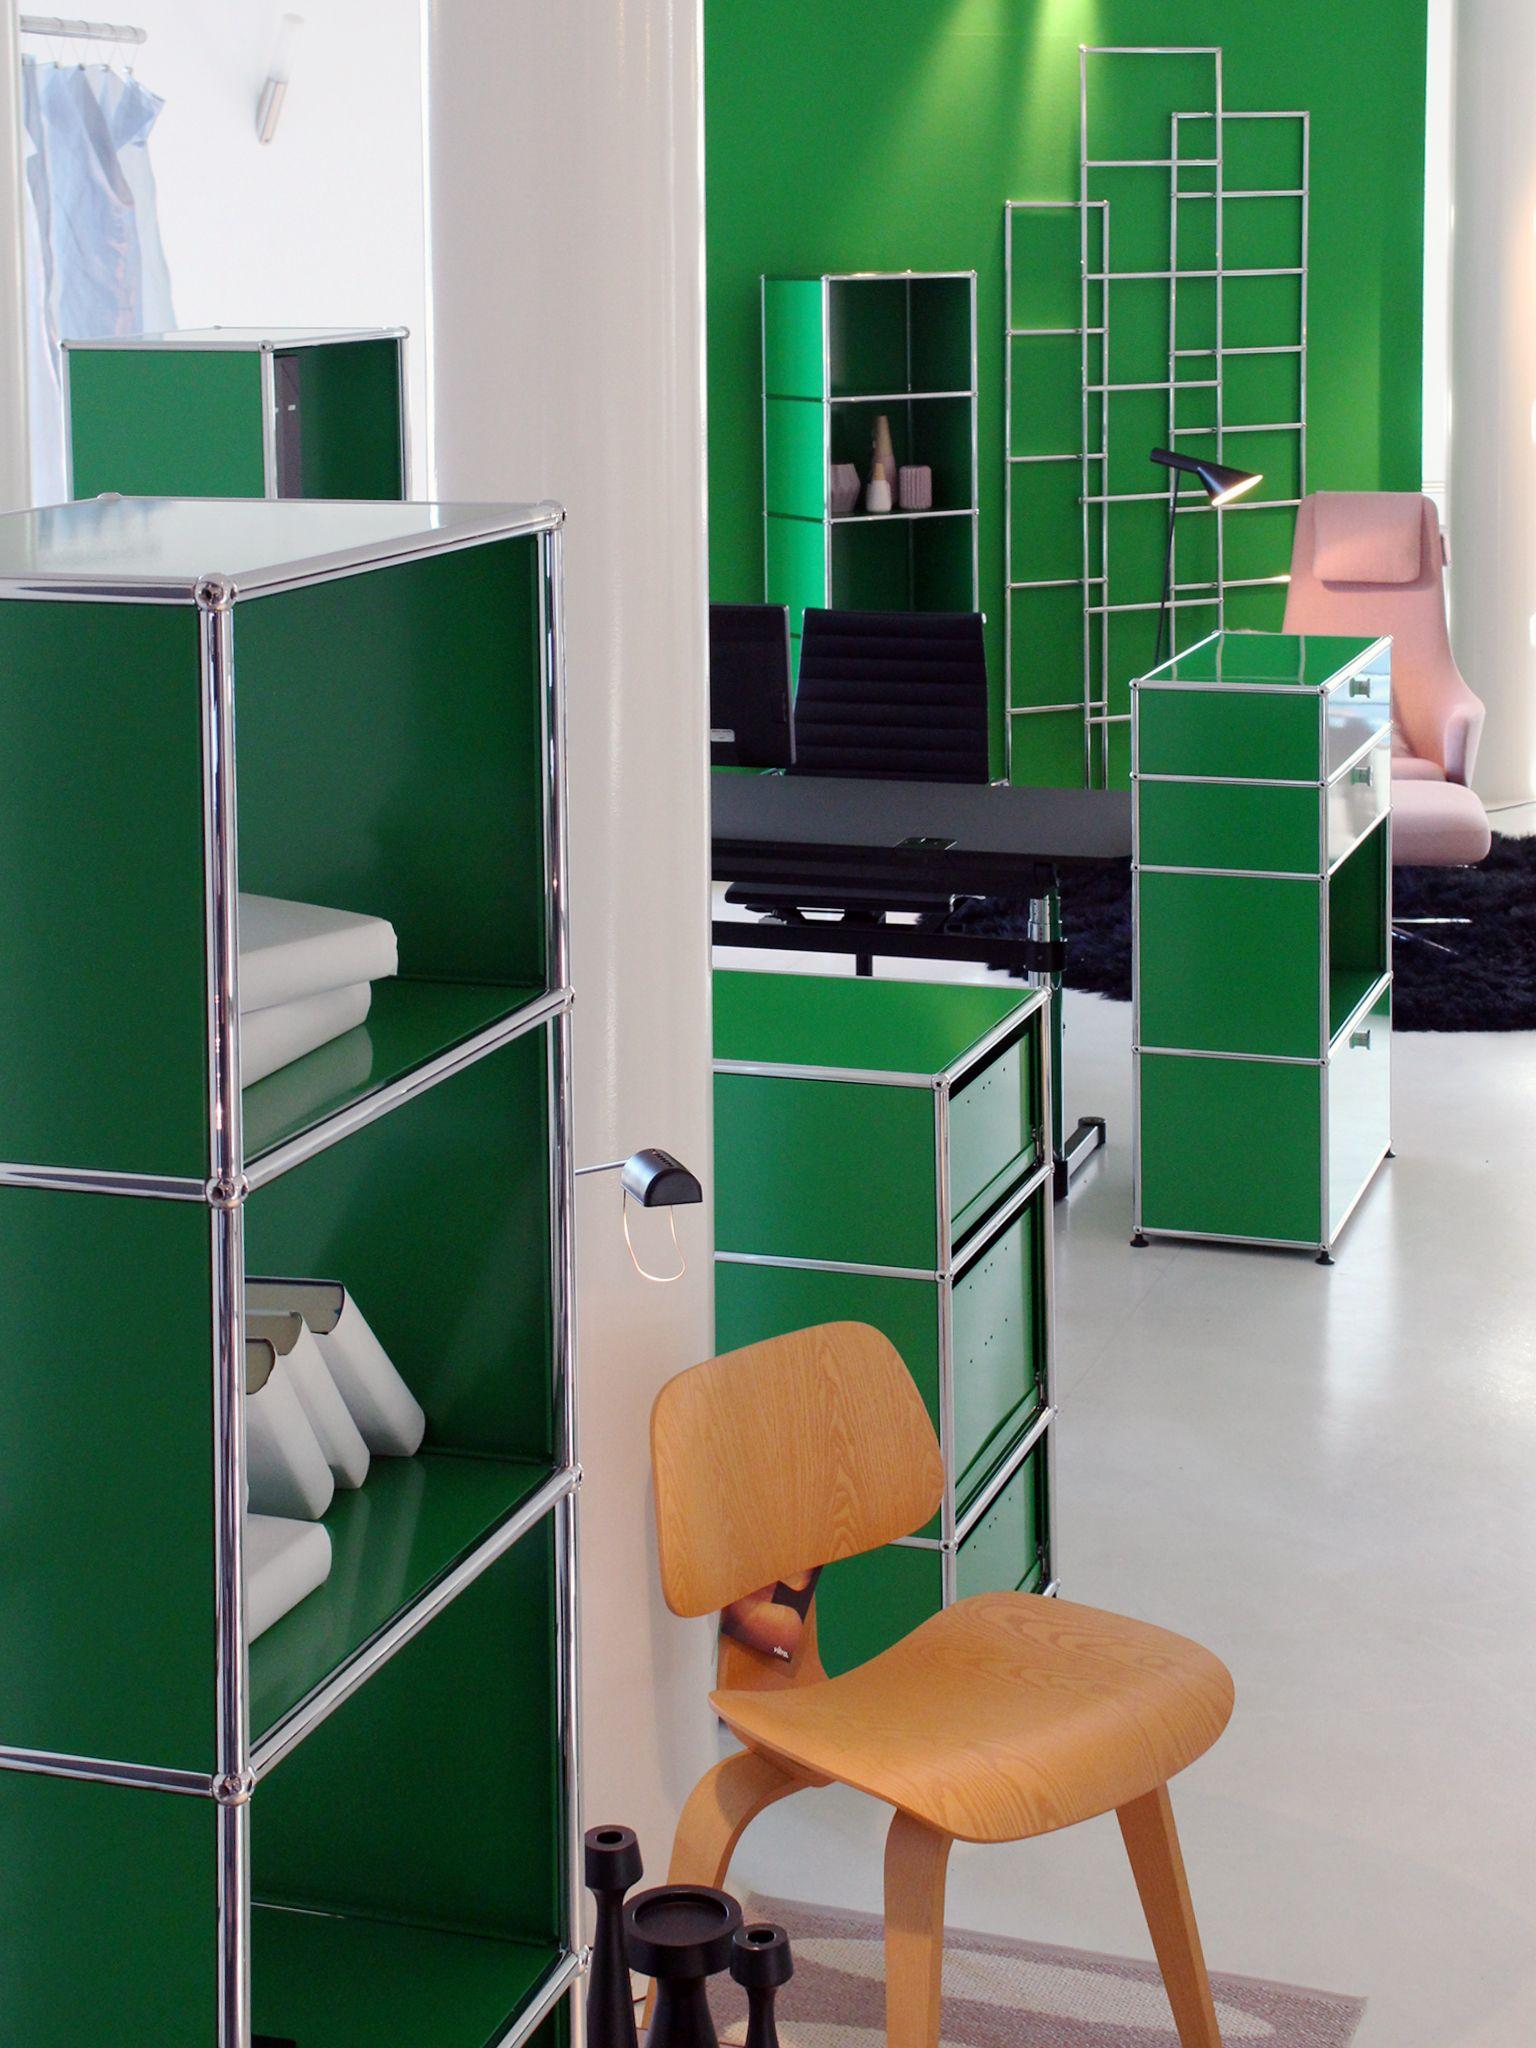 usm haller shelving in usm green exhibition at interni by inhofer senden germany the green. Black Bedroom Furniture Sets. Home Design Ideas